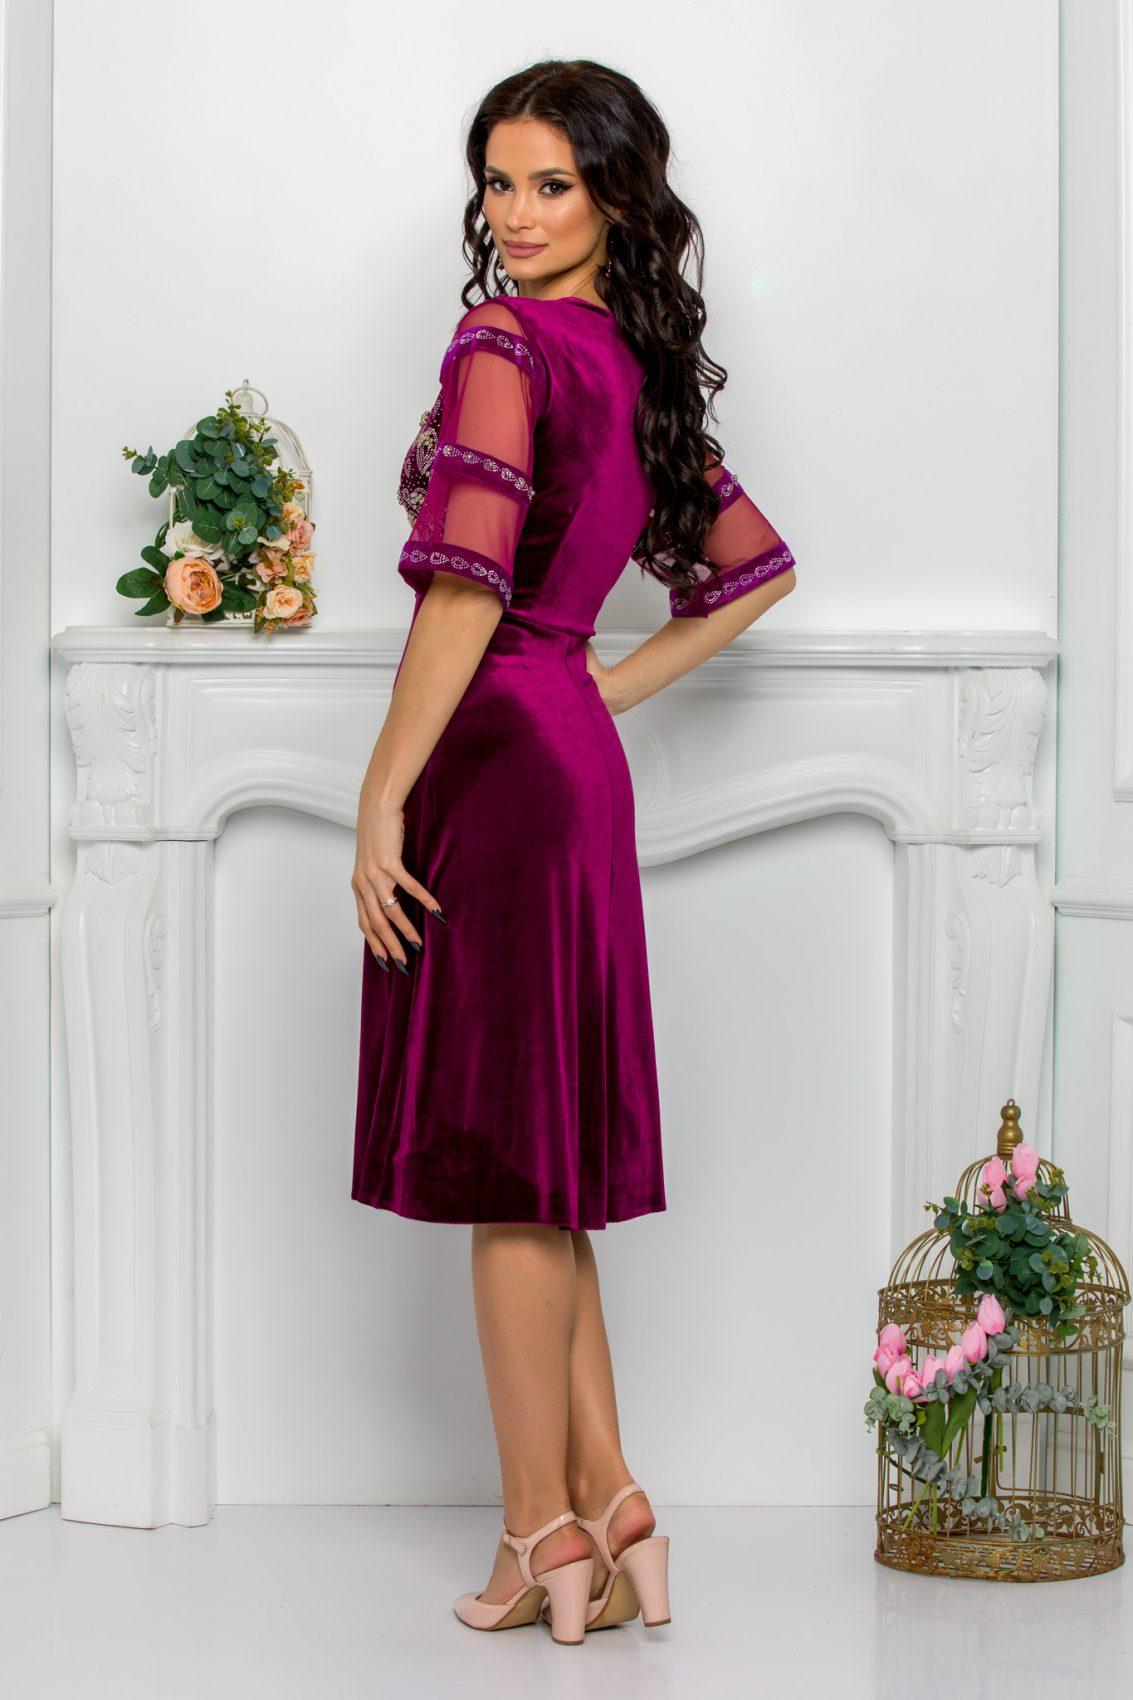 Βιολετί Φόρεμα Με Στρας Από Βελούδο Leticia 9509 2